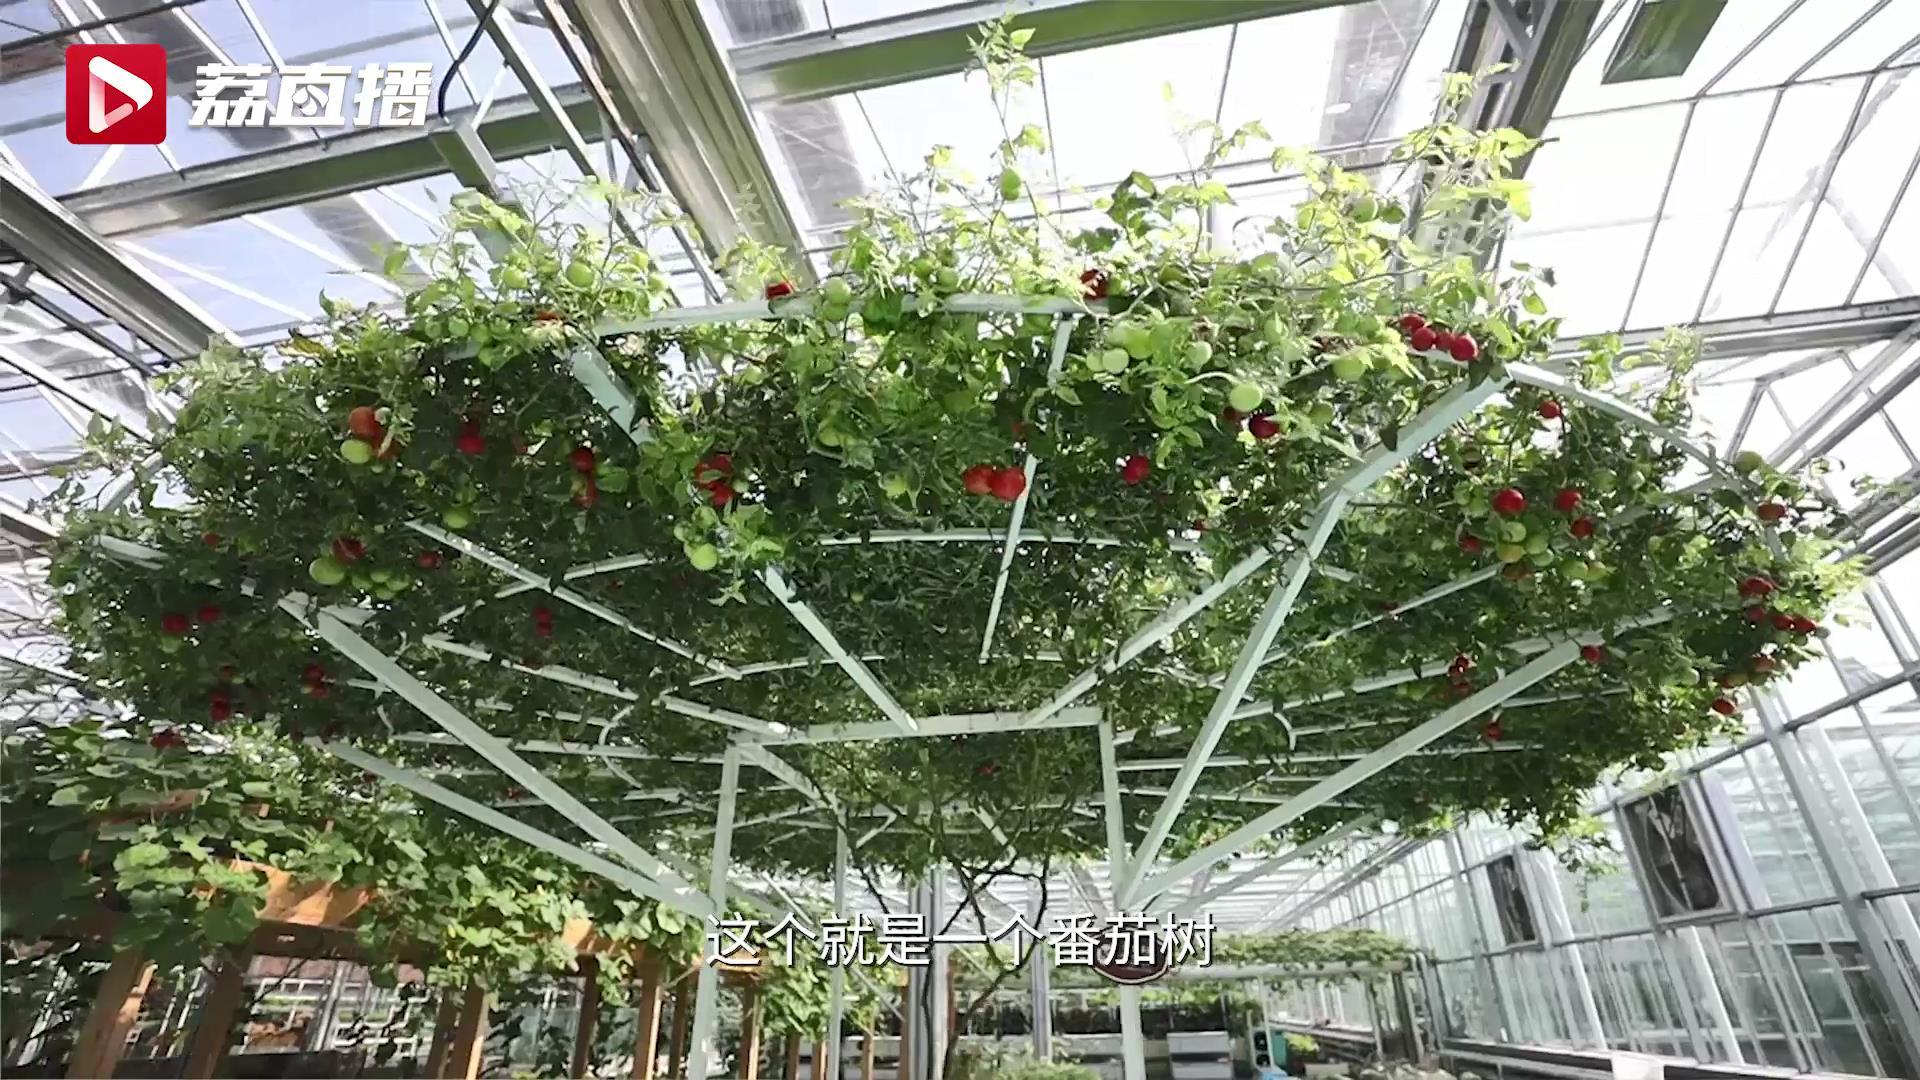 游遍江苏丨淮安金湖种有全国第一棵番茄树:一树能结1.8万个番茄